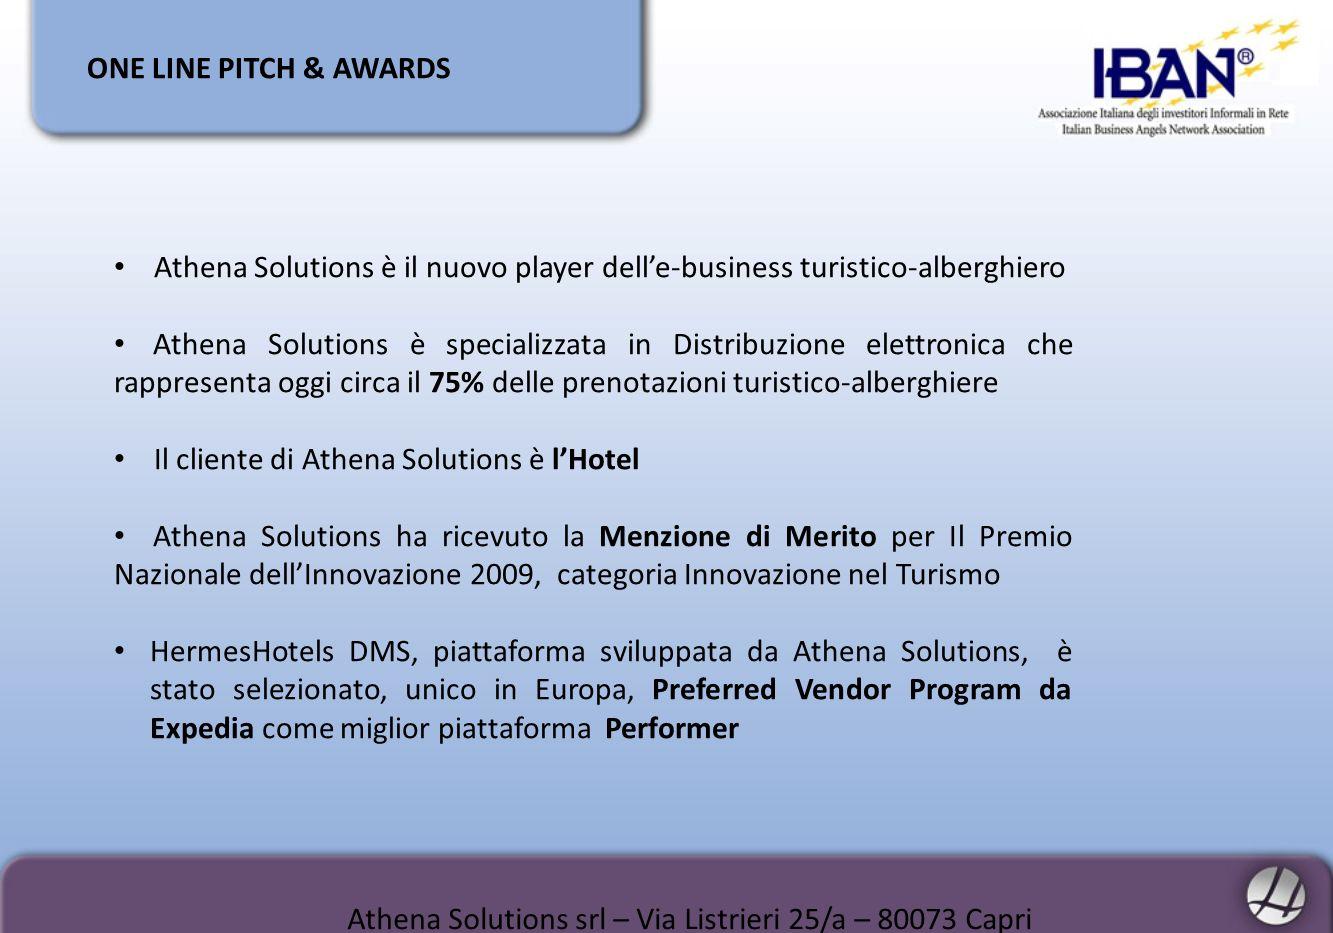 PRE MONEY VALUATION AND EXIT STRATEGY: Athena Solutions srl – Via Listrieri 25/a – 80073 Capri Premoney Valuation: 900.000 La valutazione è stata effettuata con il criterio dei multipli dellEbitda, ampiamente Utilizzato nel M&A del settore.